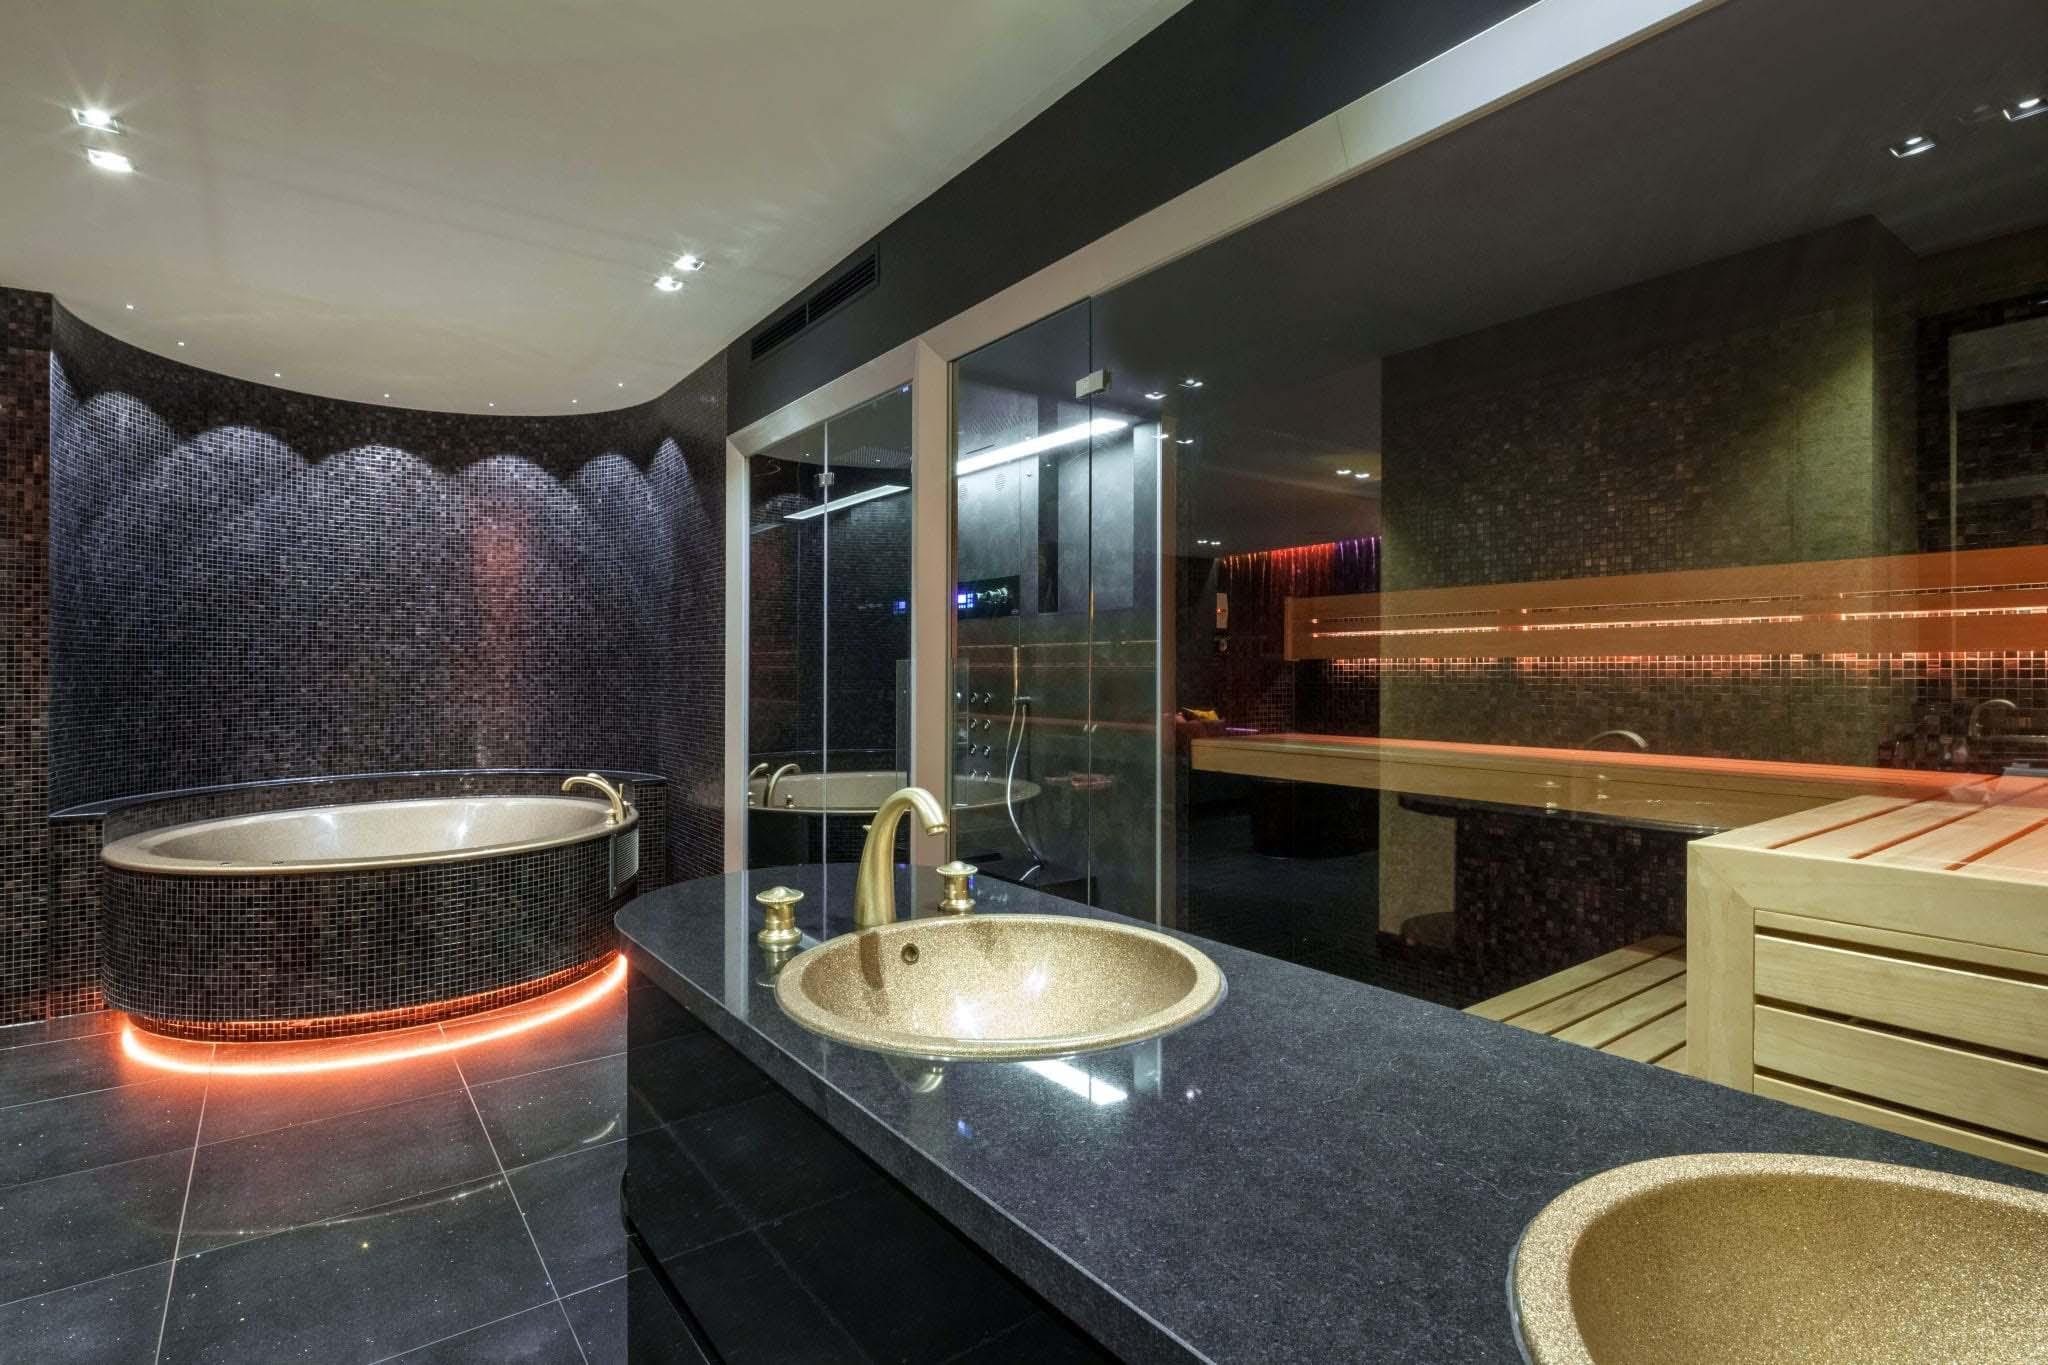 Hotel Van Der Valk Vianen Utrect in Vianen, Netherlands